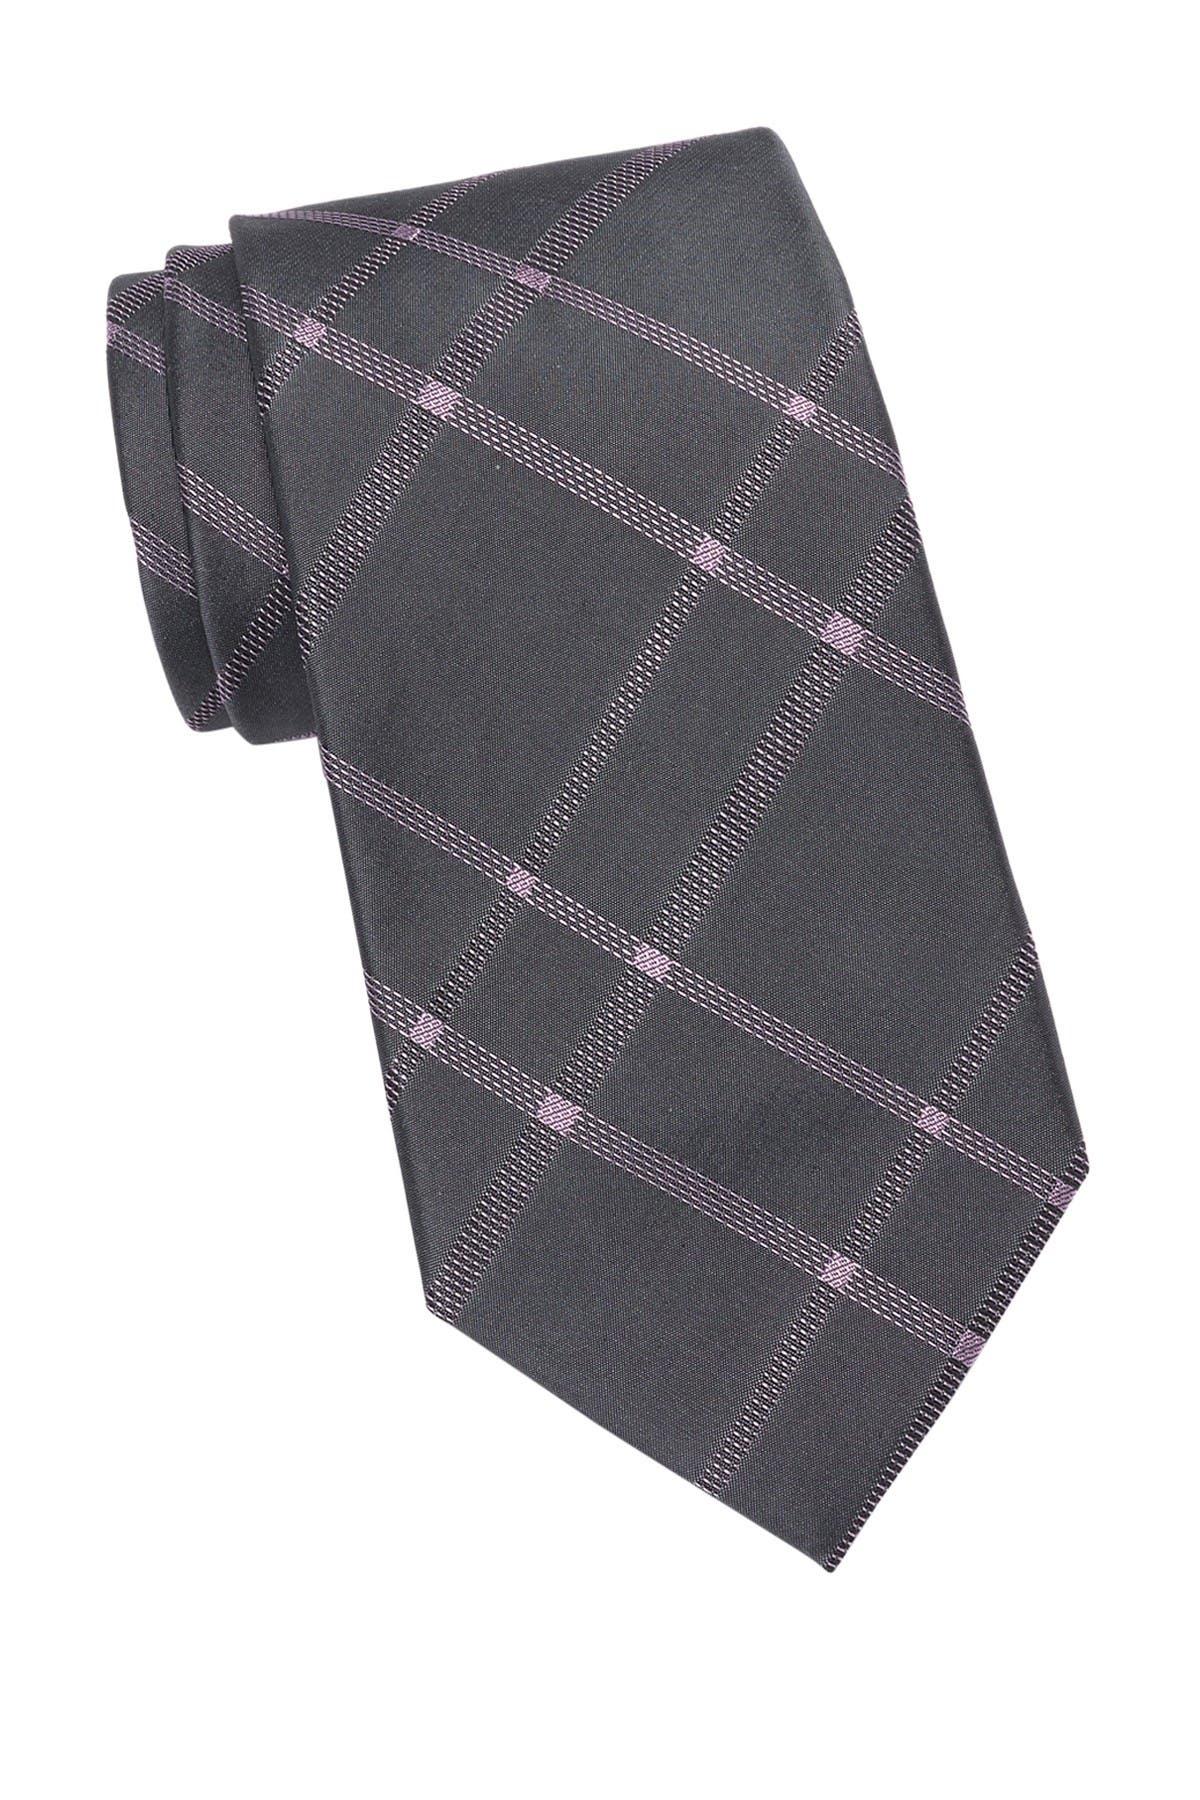 Image of Calvin Klein Stitch Plaid Silk Tie